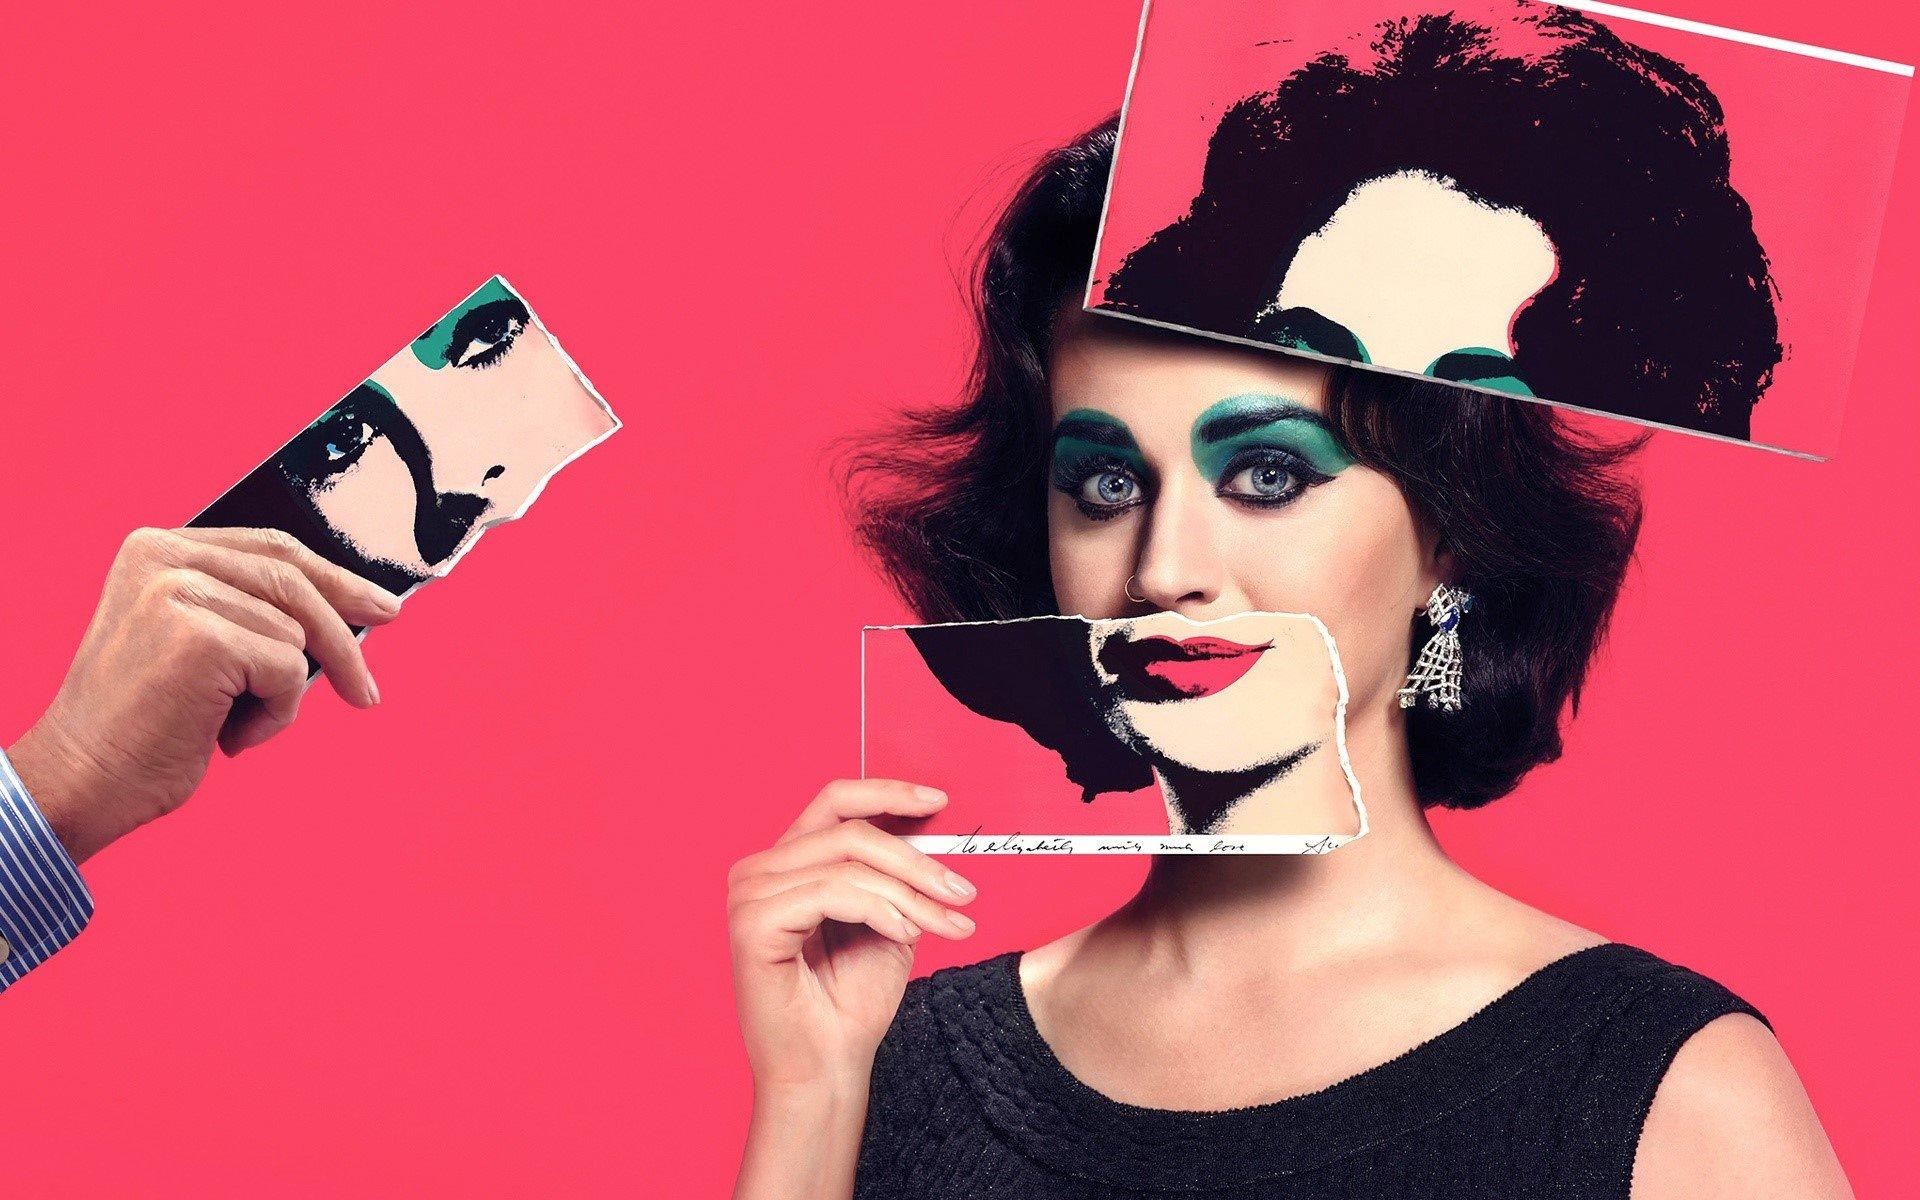 Wallpaper Katy Perry as Elizabeth Taylor